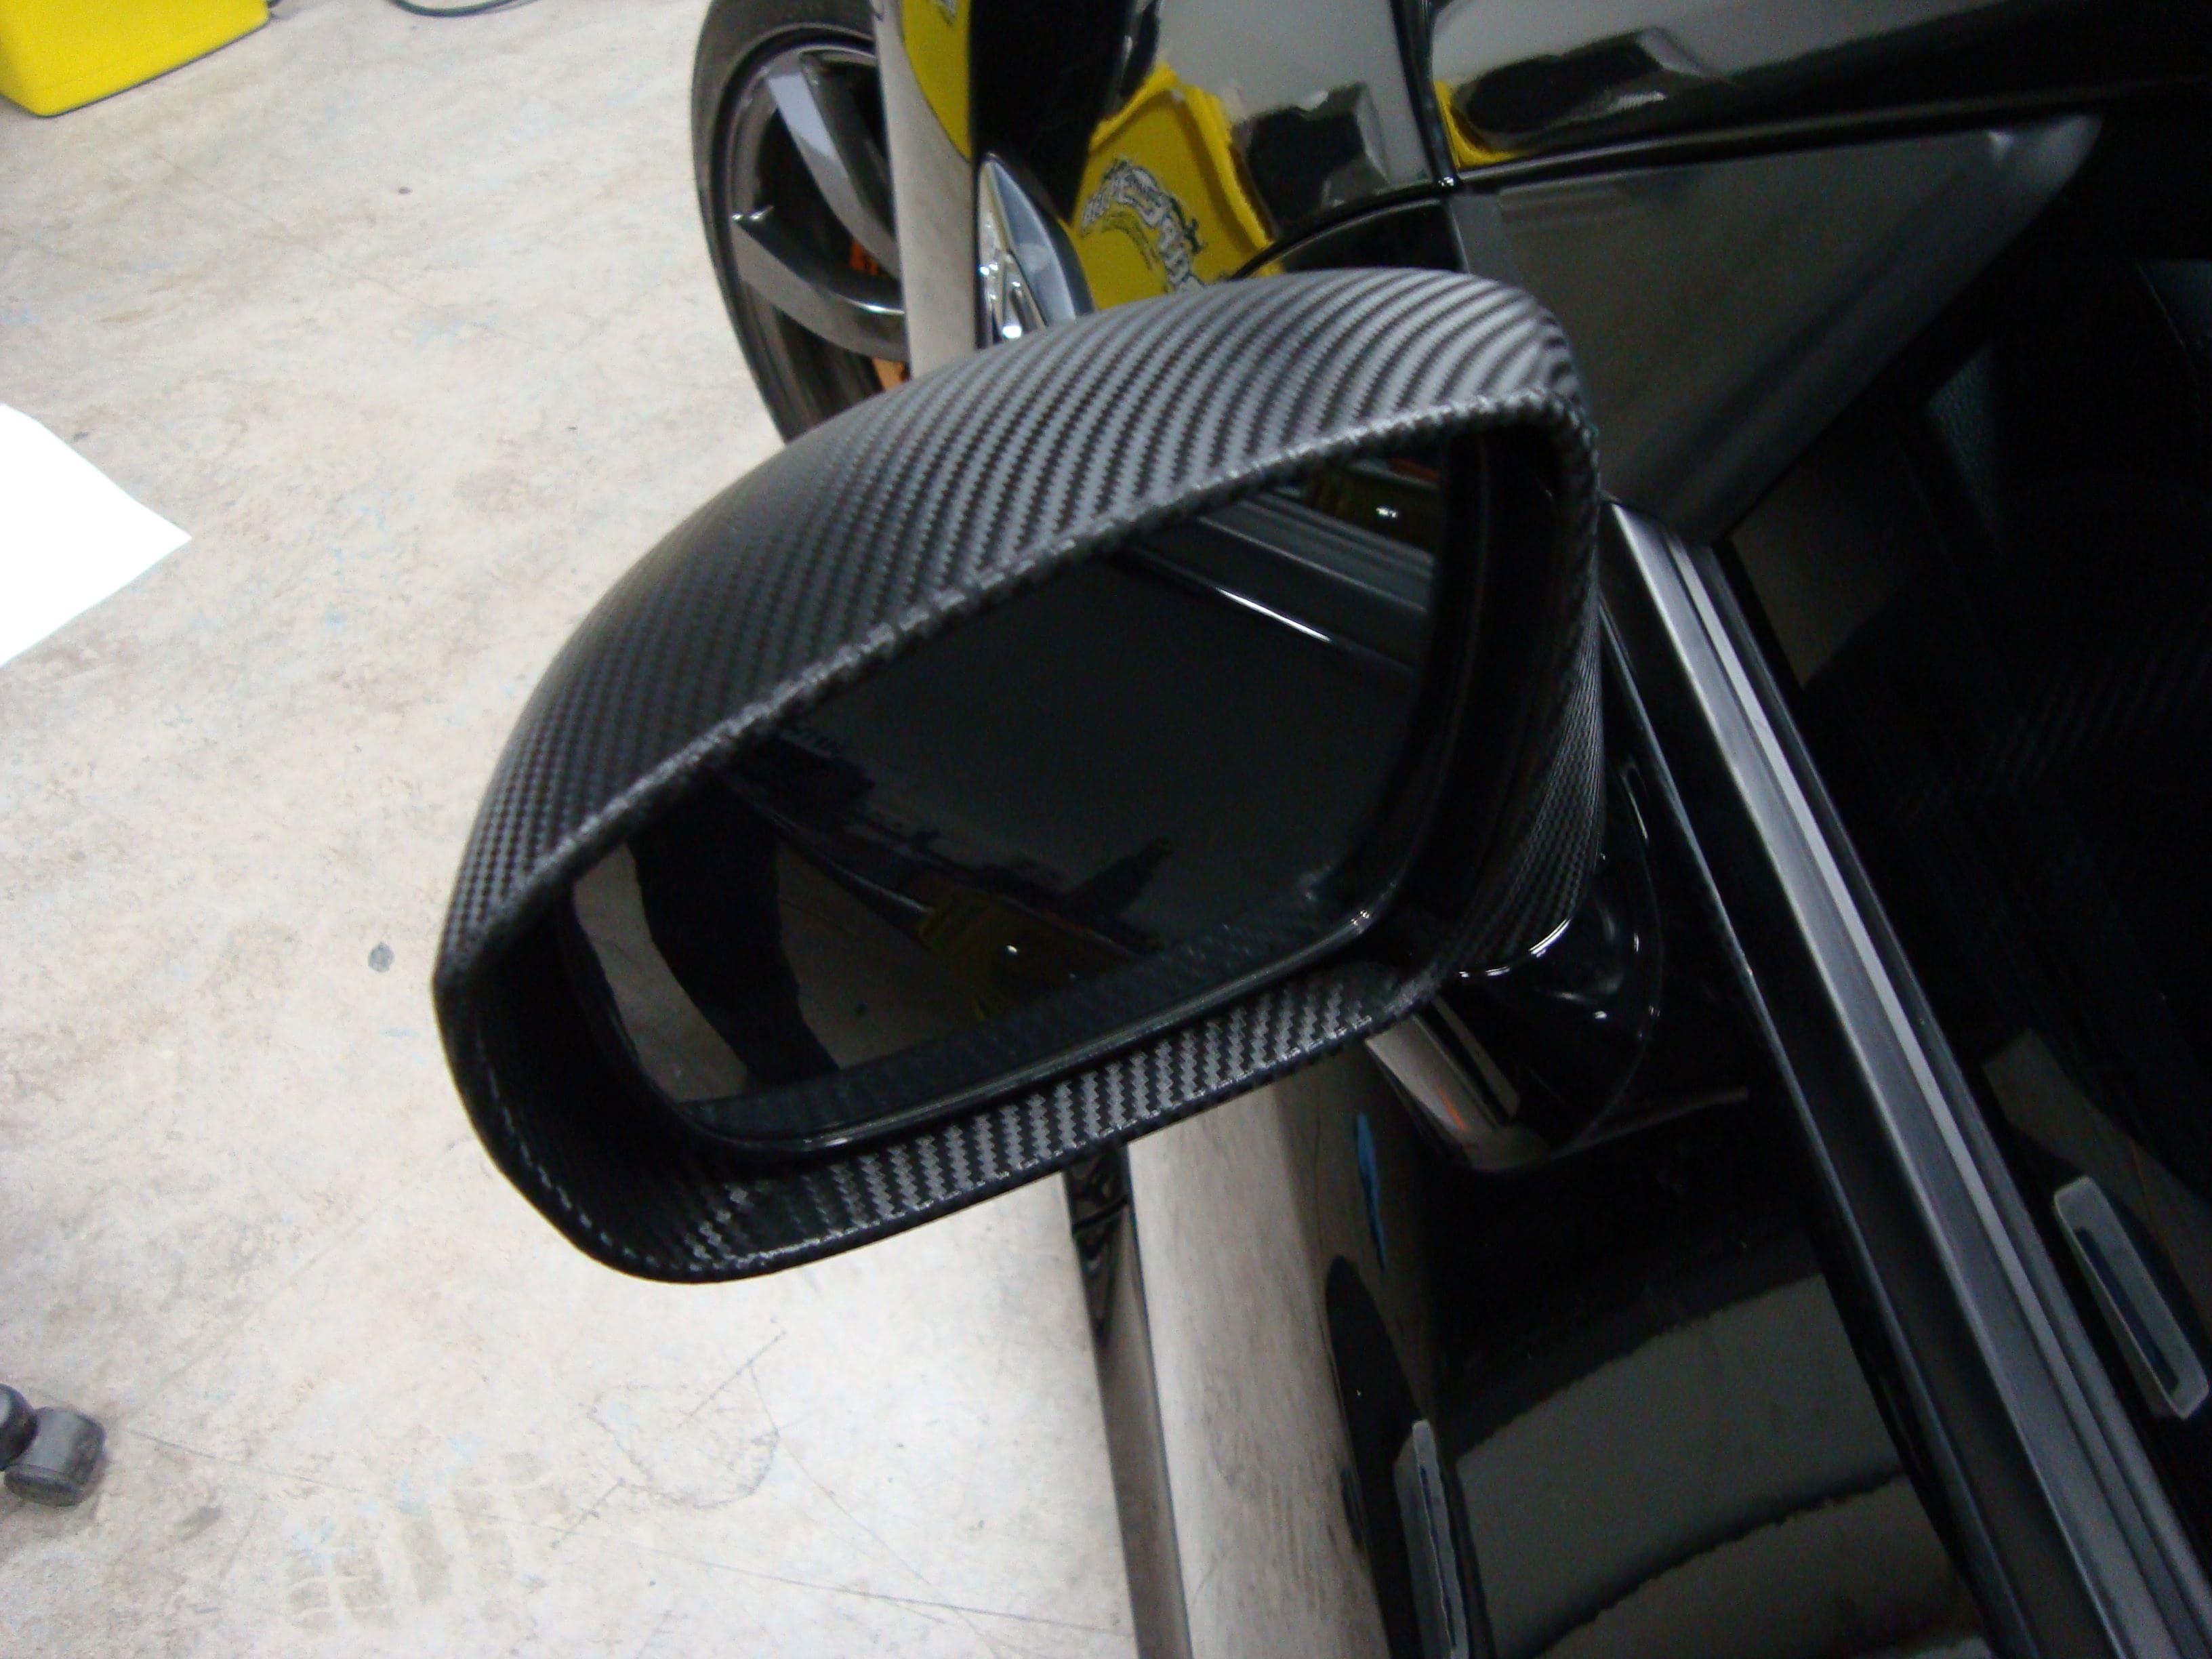 Nissan GT-R met Mat Zwarte Wrap, Carwrapping door Wrapmyride.nu Foto-nr:6574, ©2021